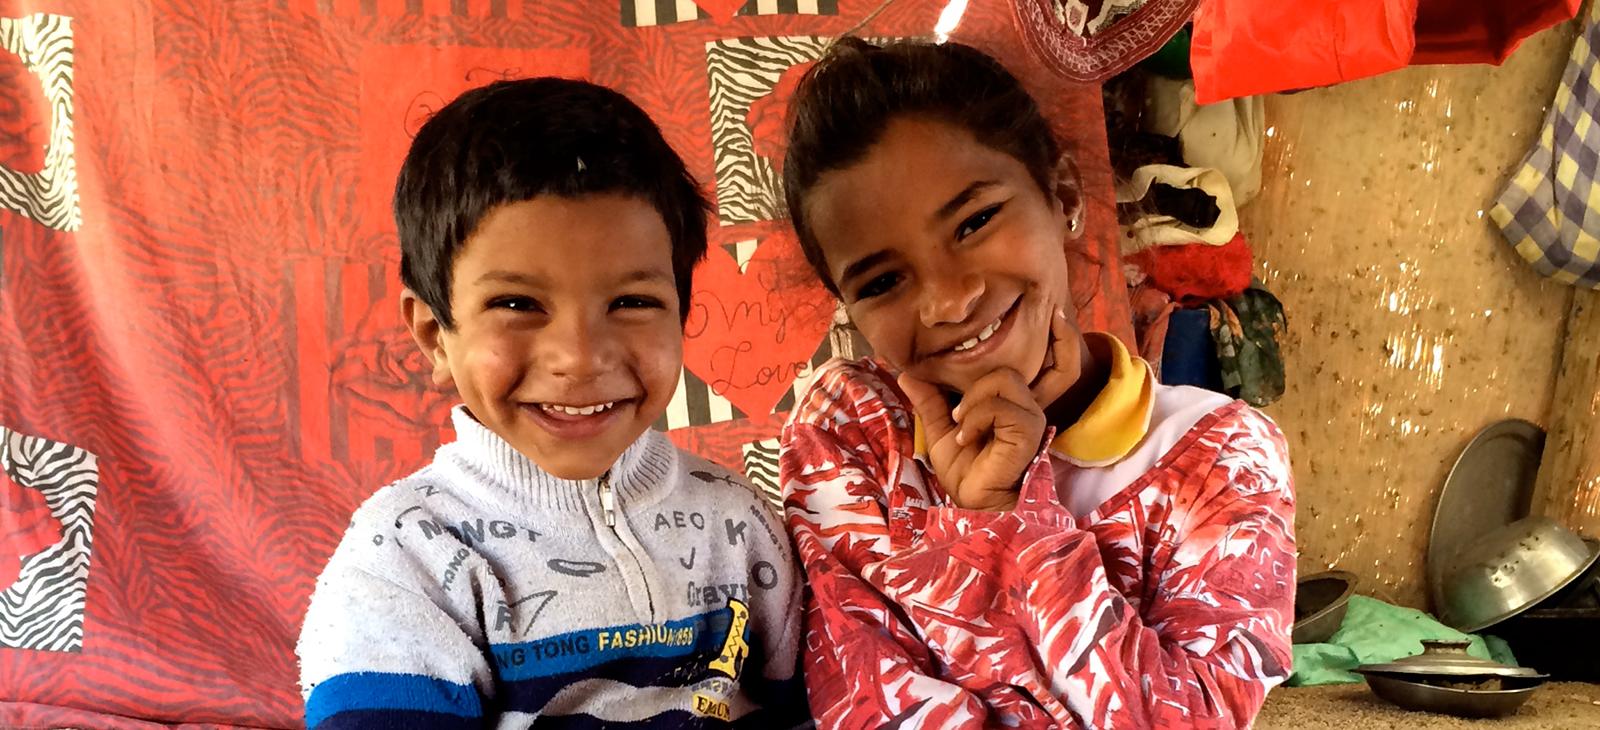 bedouin-children-sinai.jpg